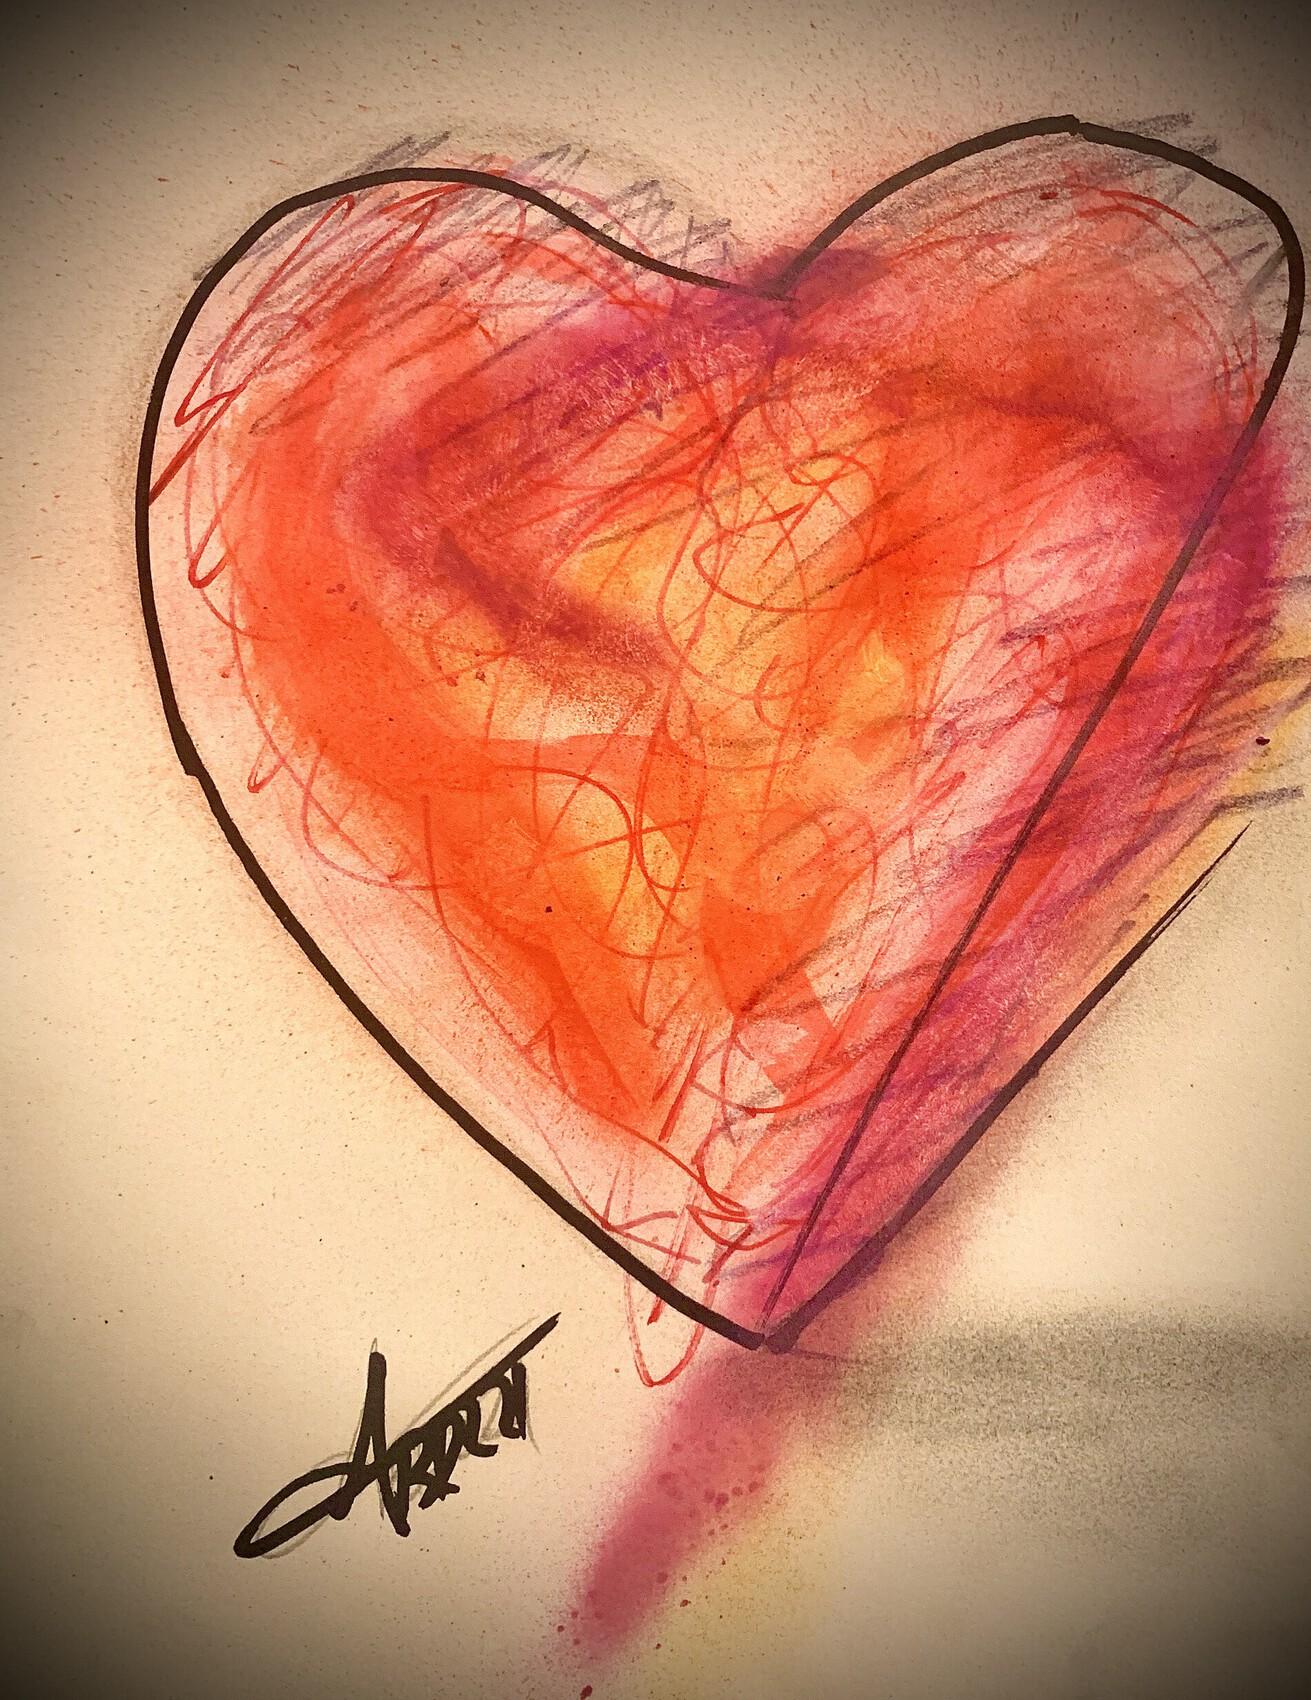 ONE SINGLE HEART